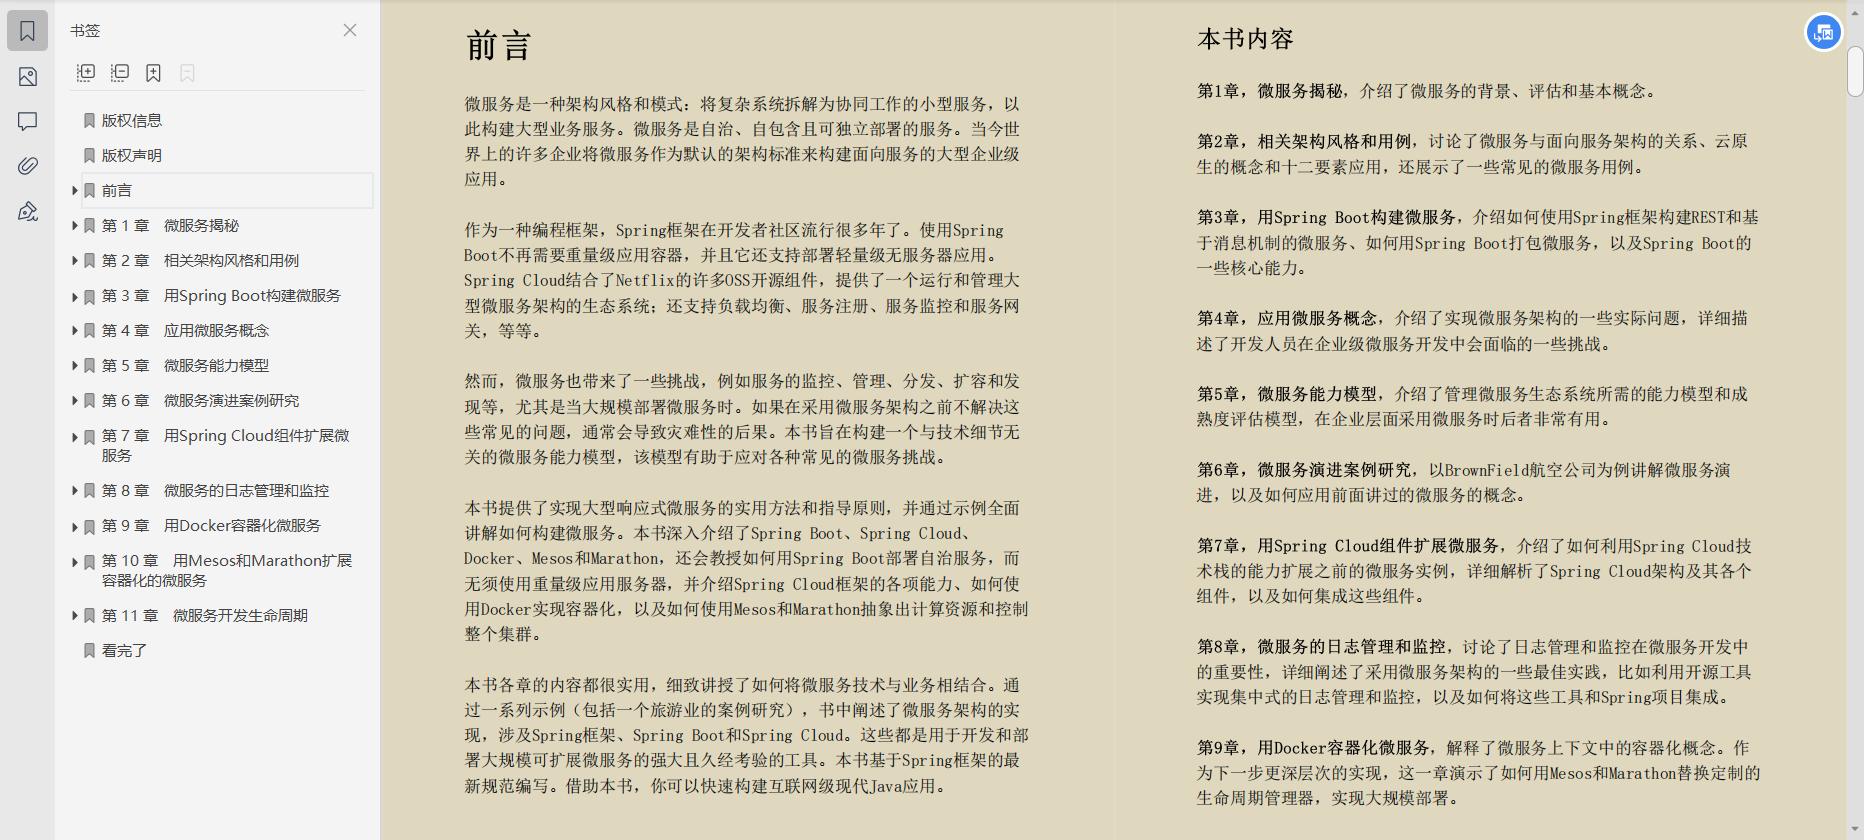 阿里P8全网首发,分享SpringCloud项目实战学习文档